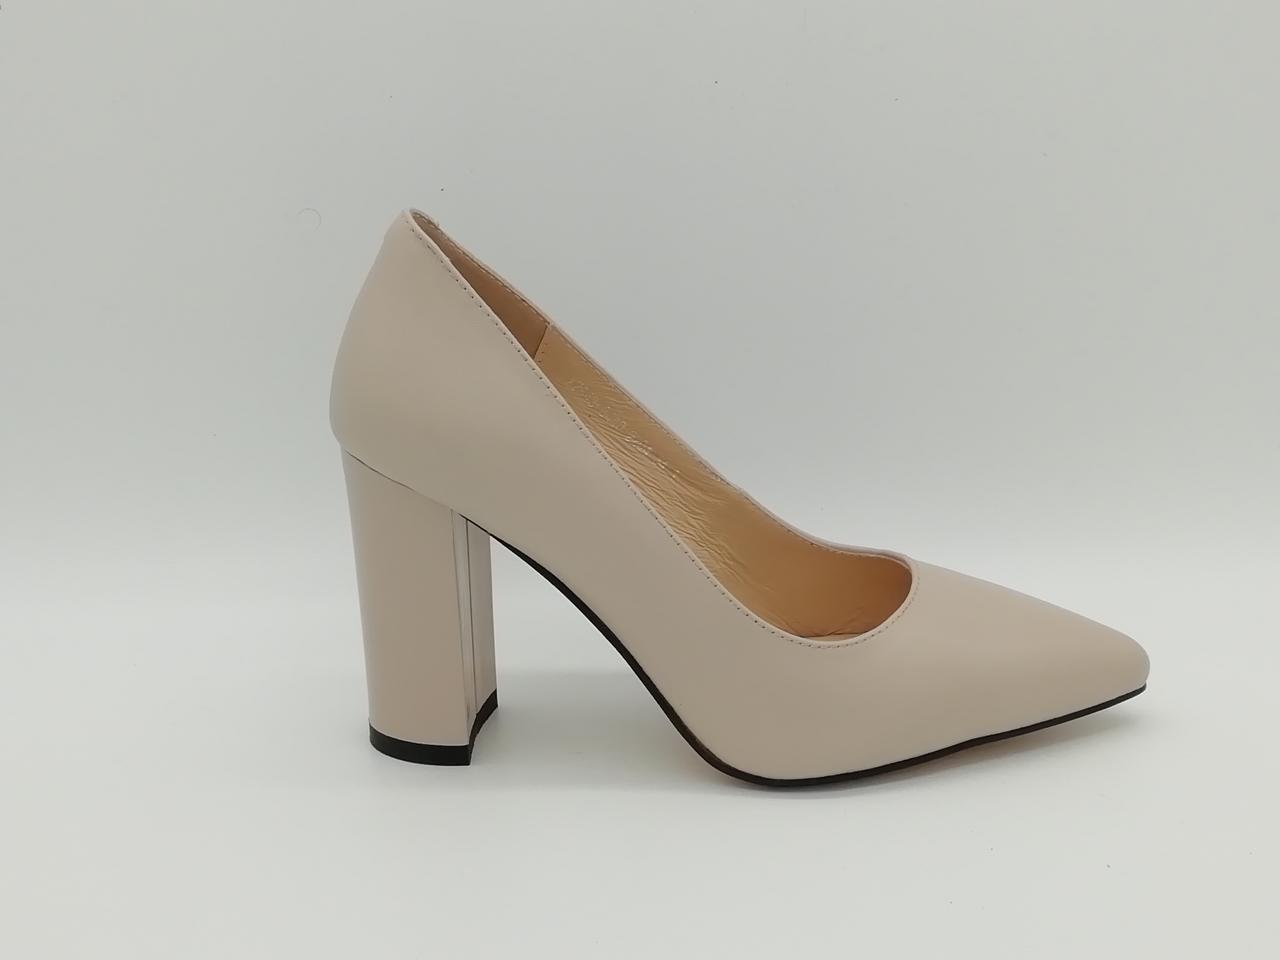 Шкіряні туфлі на підборах .Маленькі ( 33 - 35 ) розміри.